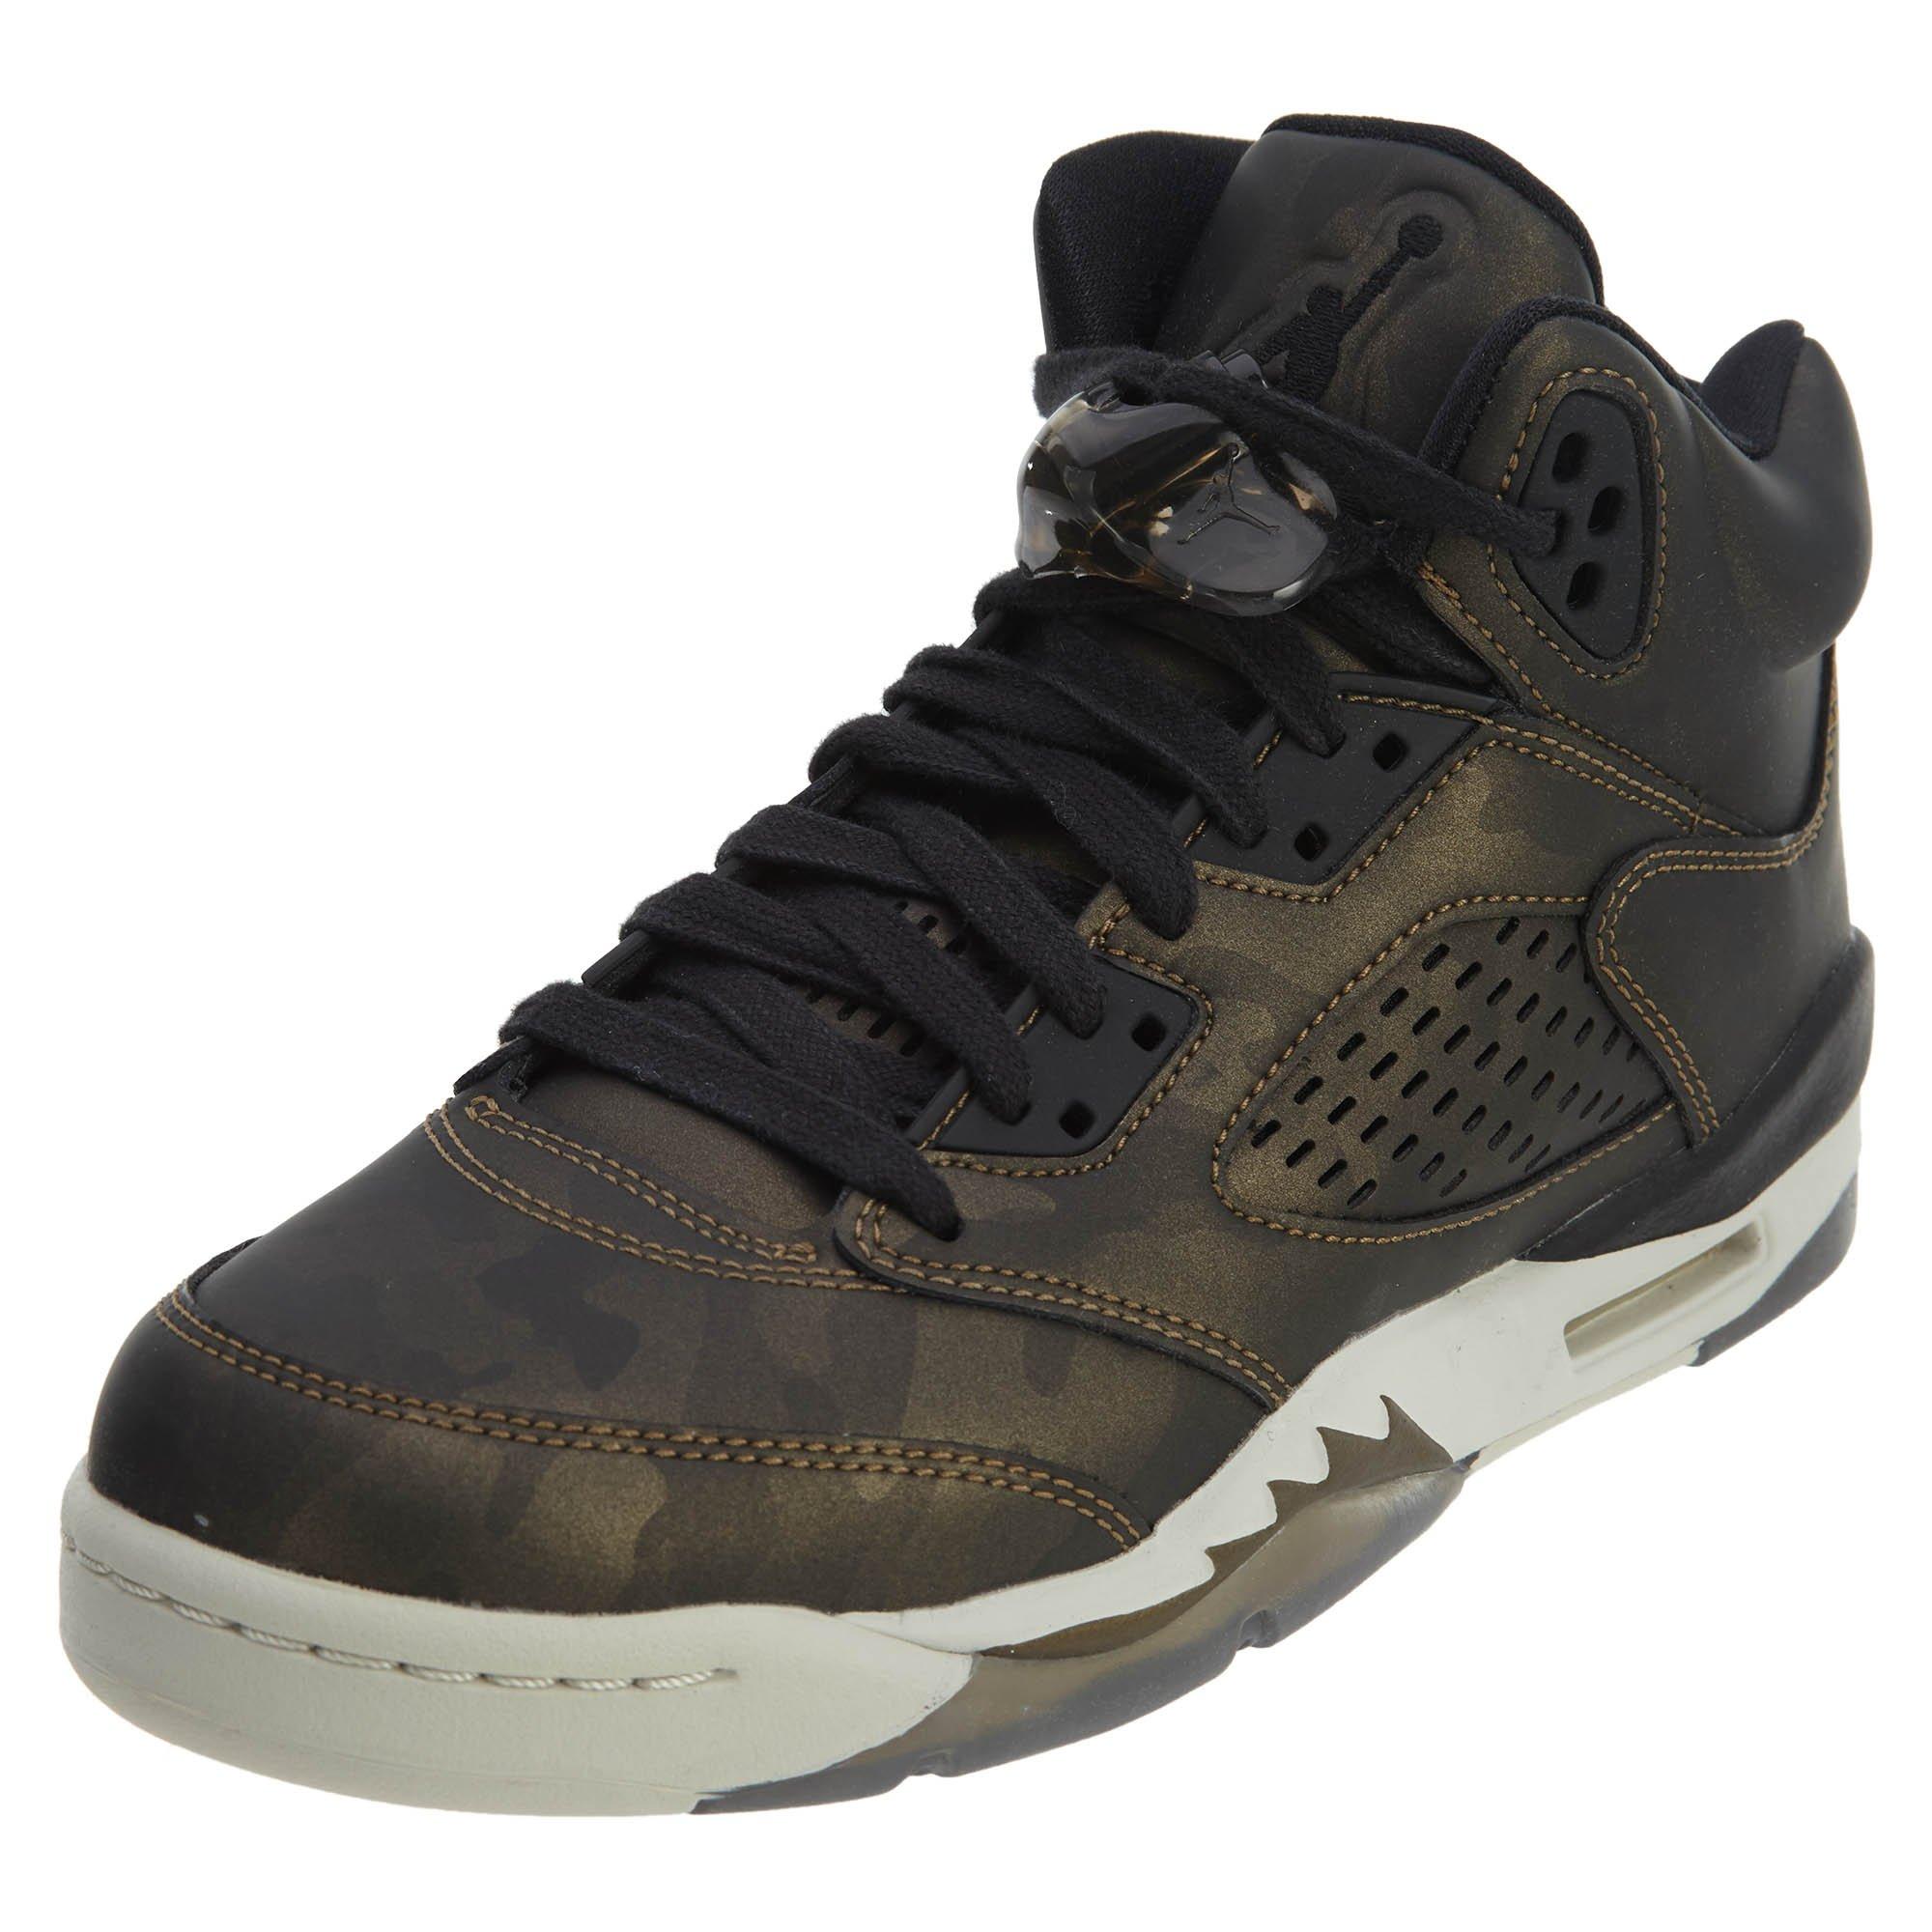 Nike Air Jordan 5 V Premium Heiress Camo Bronze GS Grade School 5 919710-030